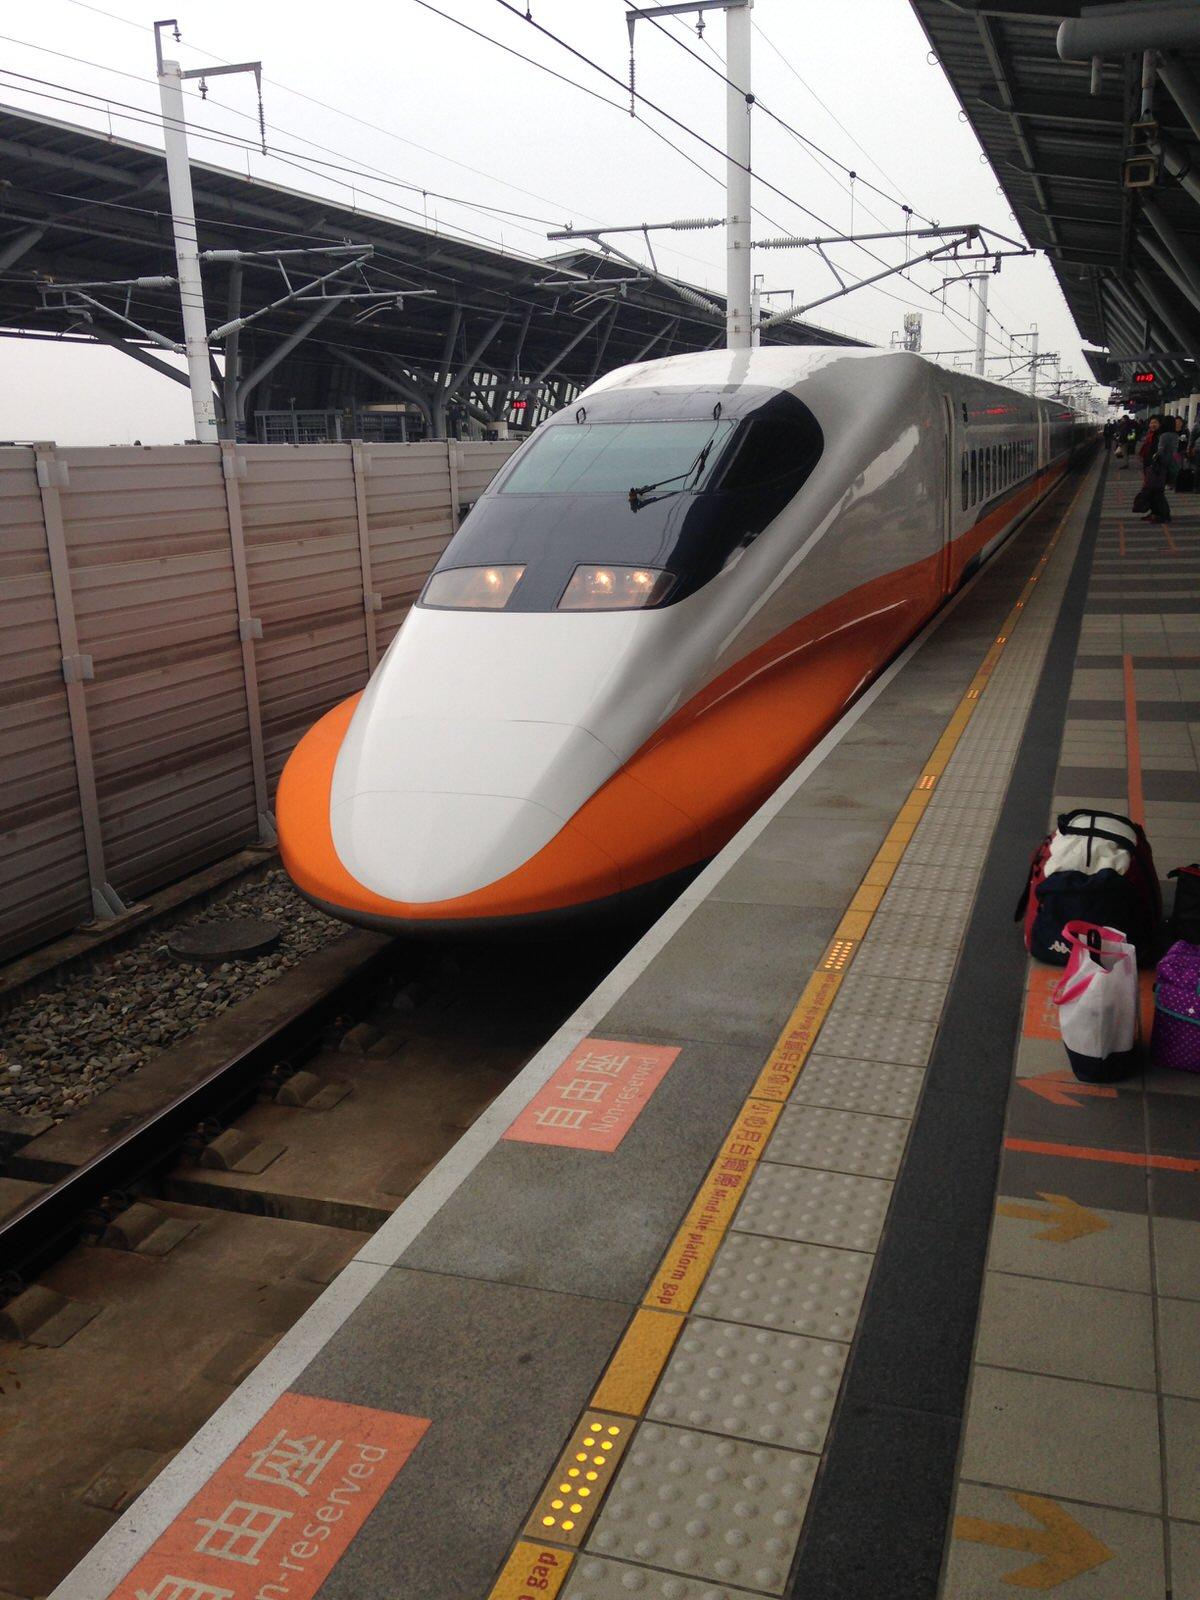 桃園空港から台南への行き方(新幹線編)